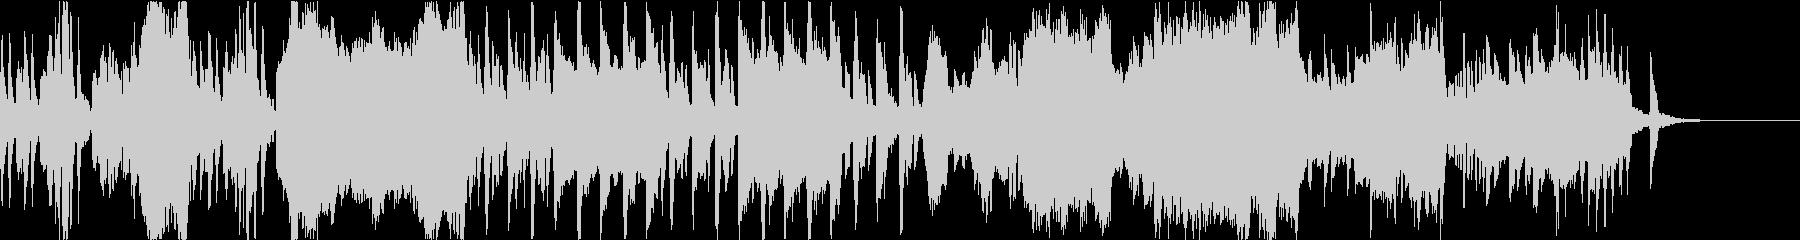 優雅なティータイム向けクラシックの未再生の波形